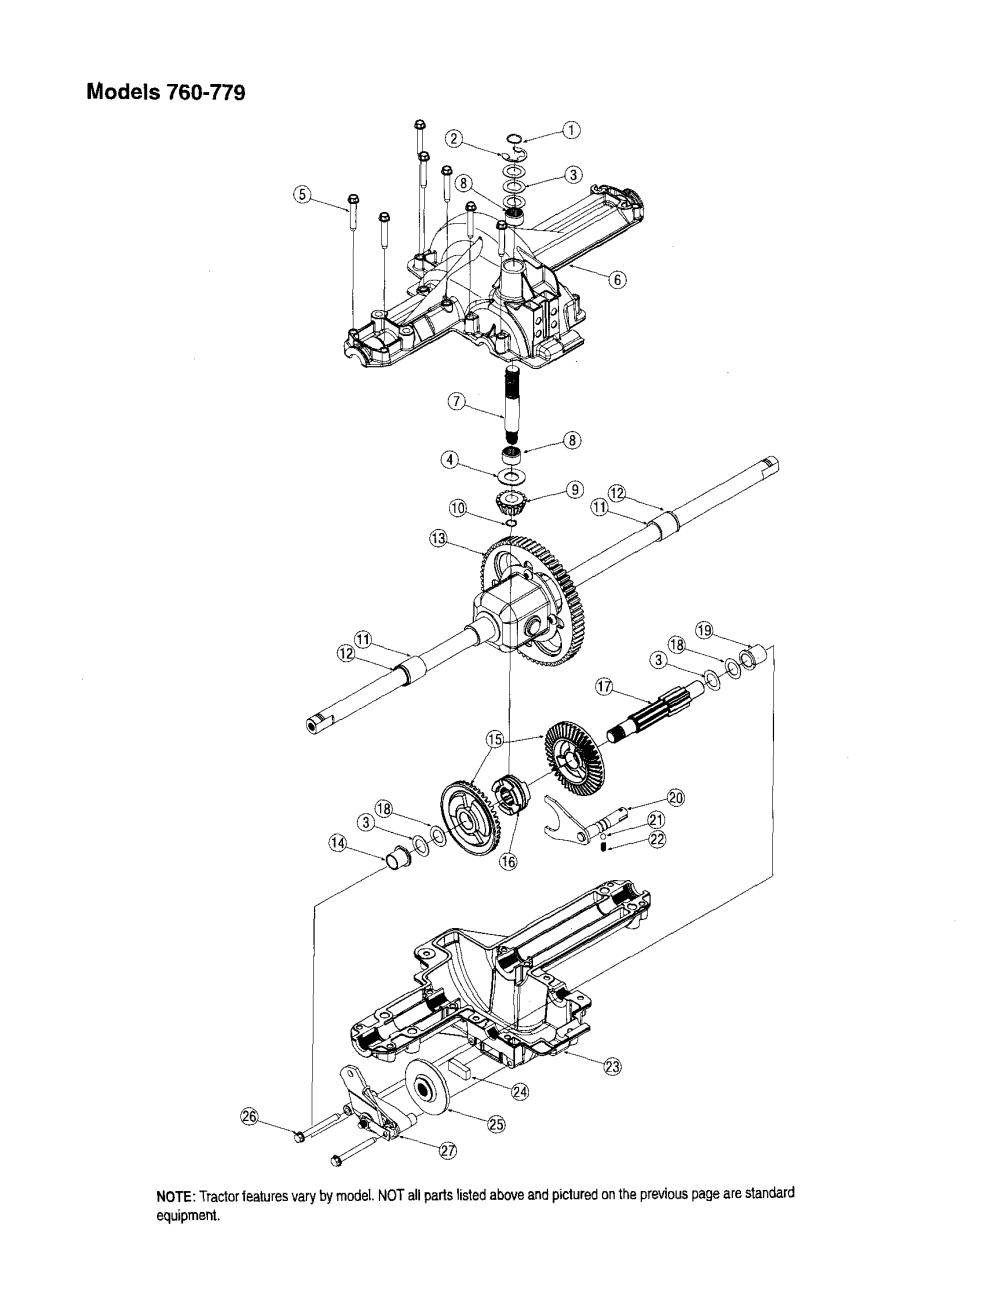 medium resolution of mtd 13am762f765 differential models 760 779 diagram